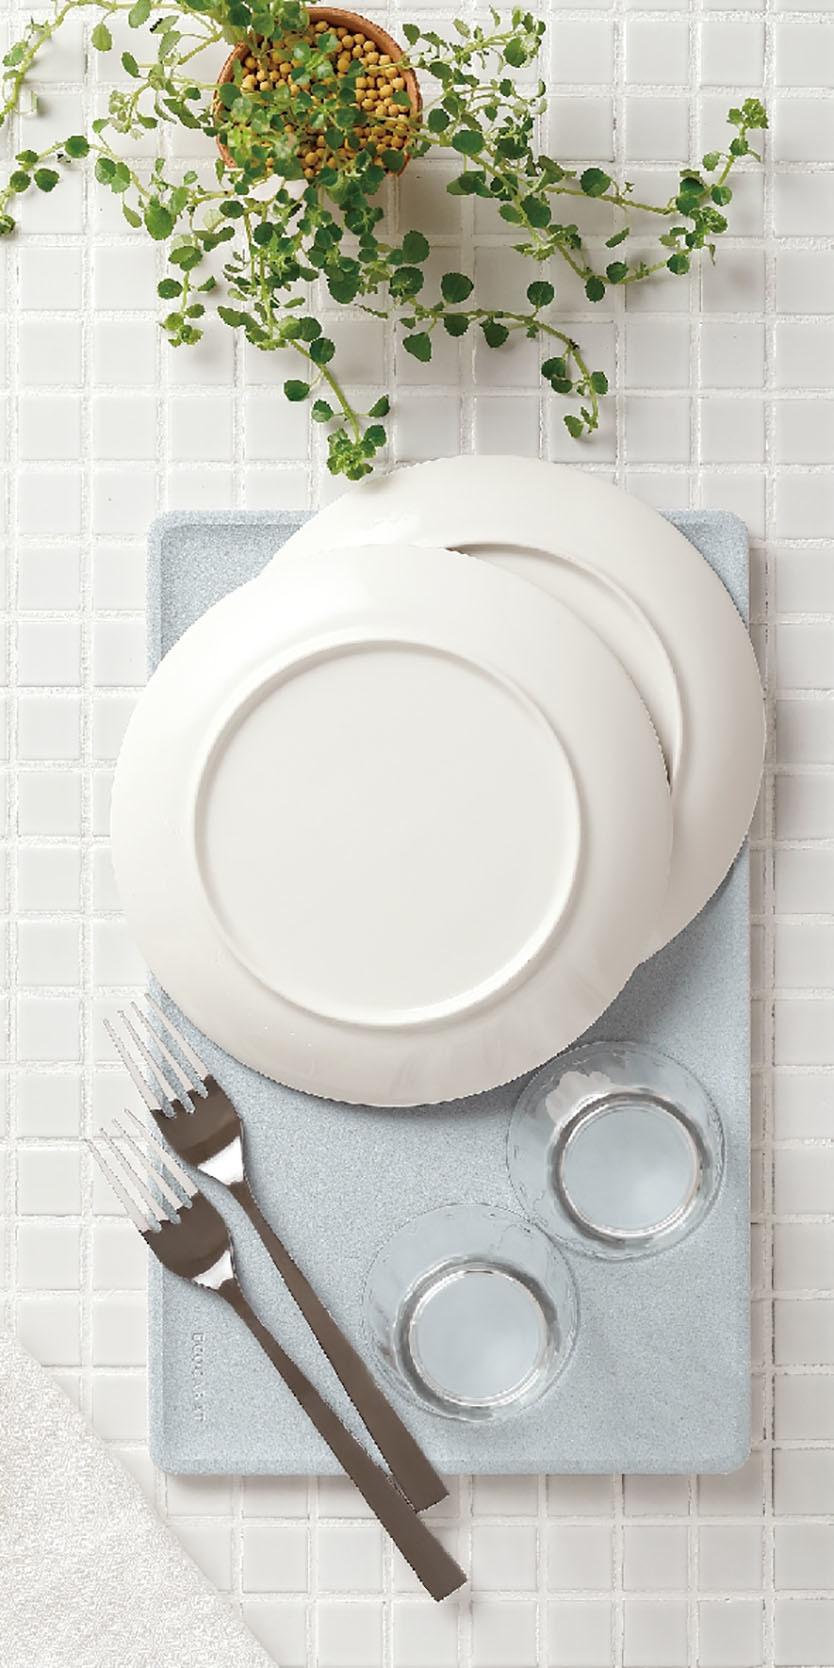 食器の水滴を吸水する「水切りトレー」